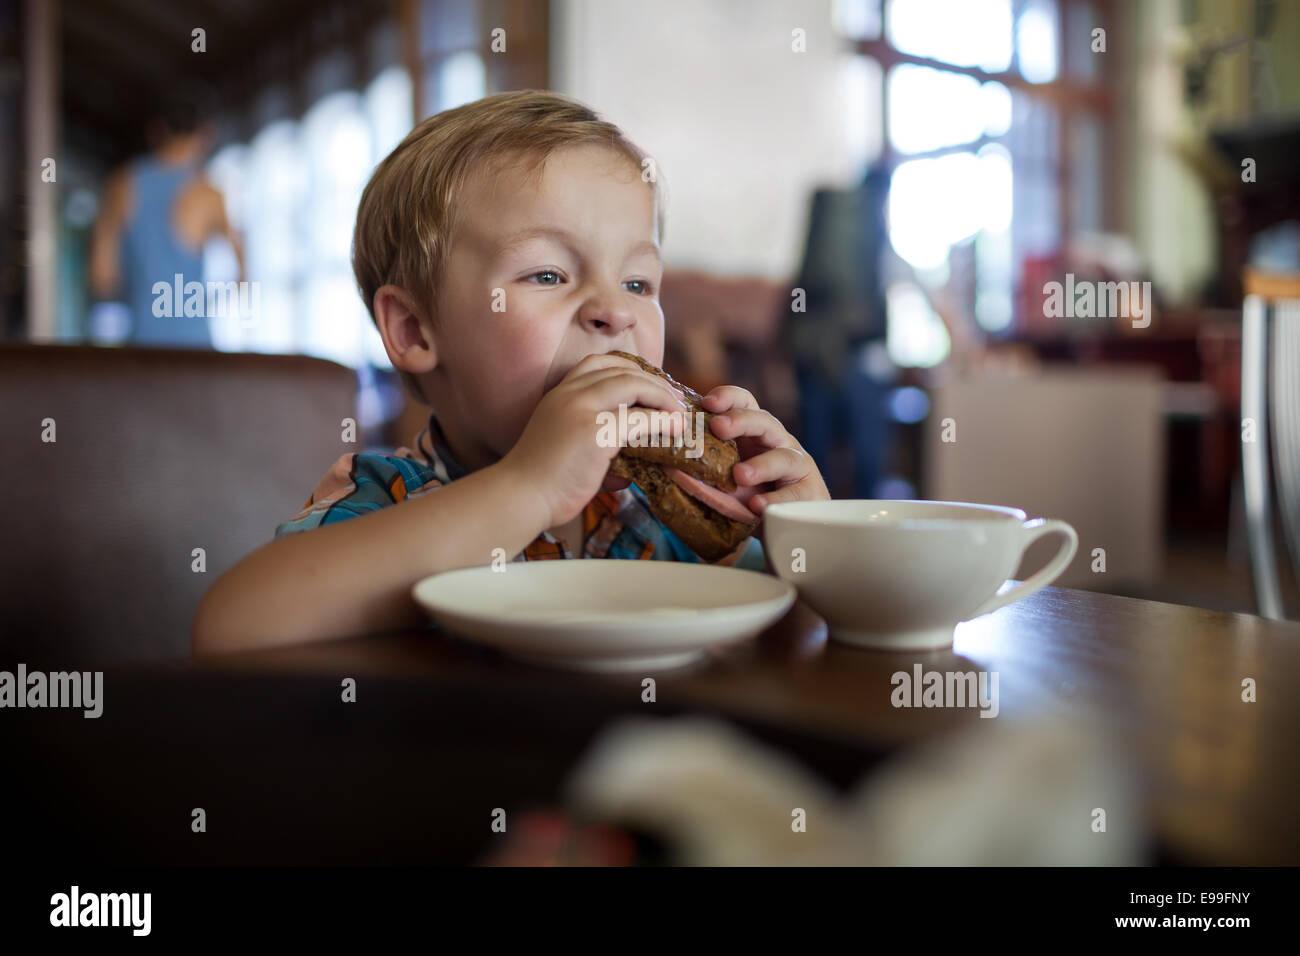 Niñito habiendo sándwich en un café Imagen De Stock